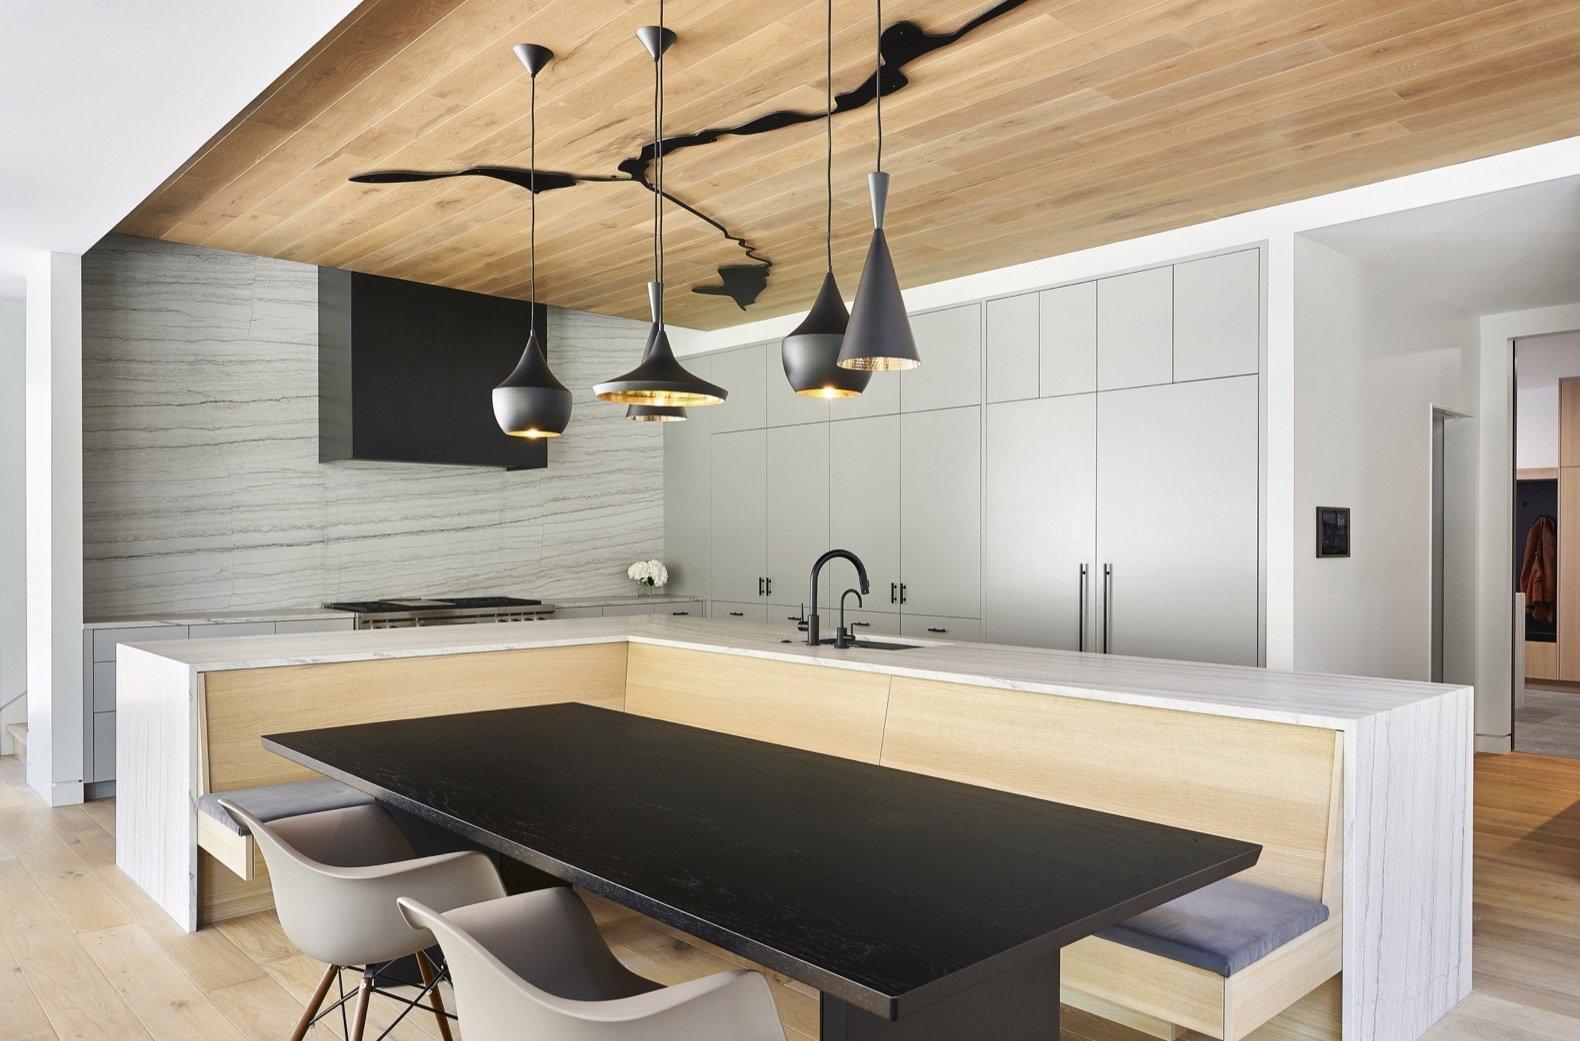 Streamline House kitchen